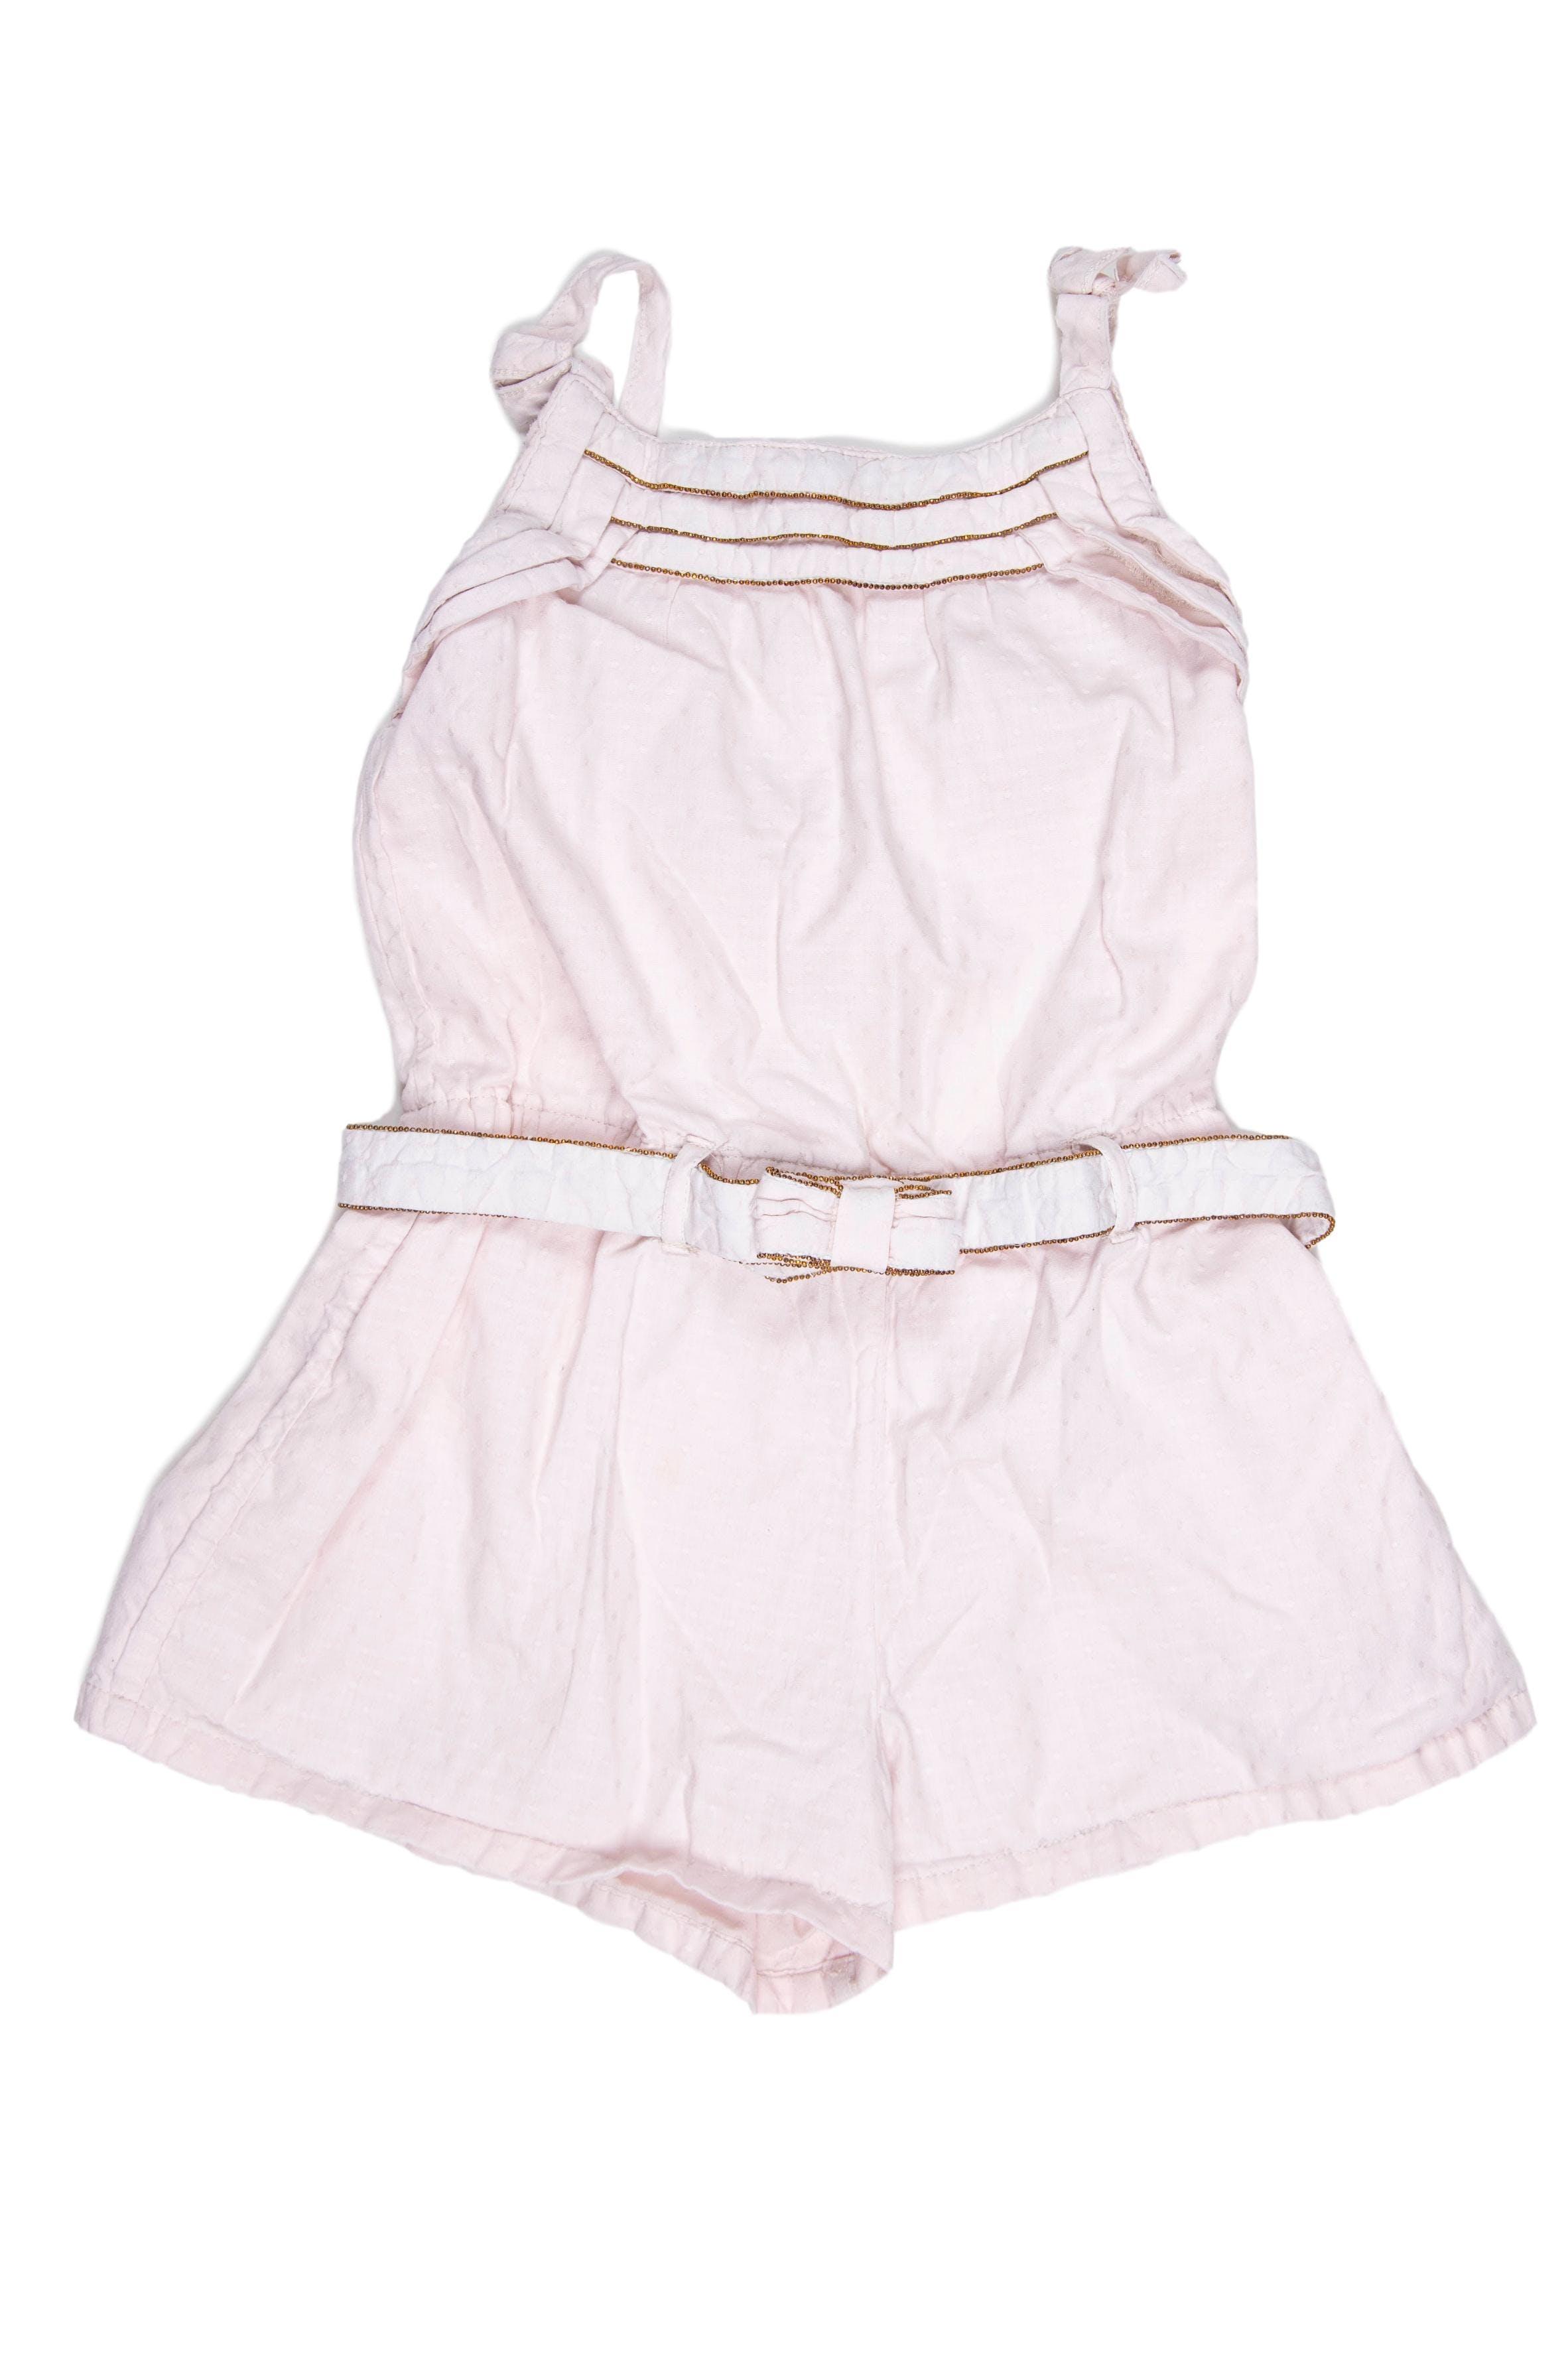 Enterizo short rosa pálido con cinturón, forrado. Elástico en la cintura. - Maggie & Zoe